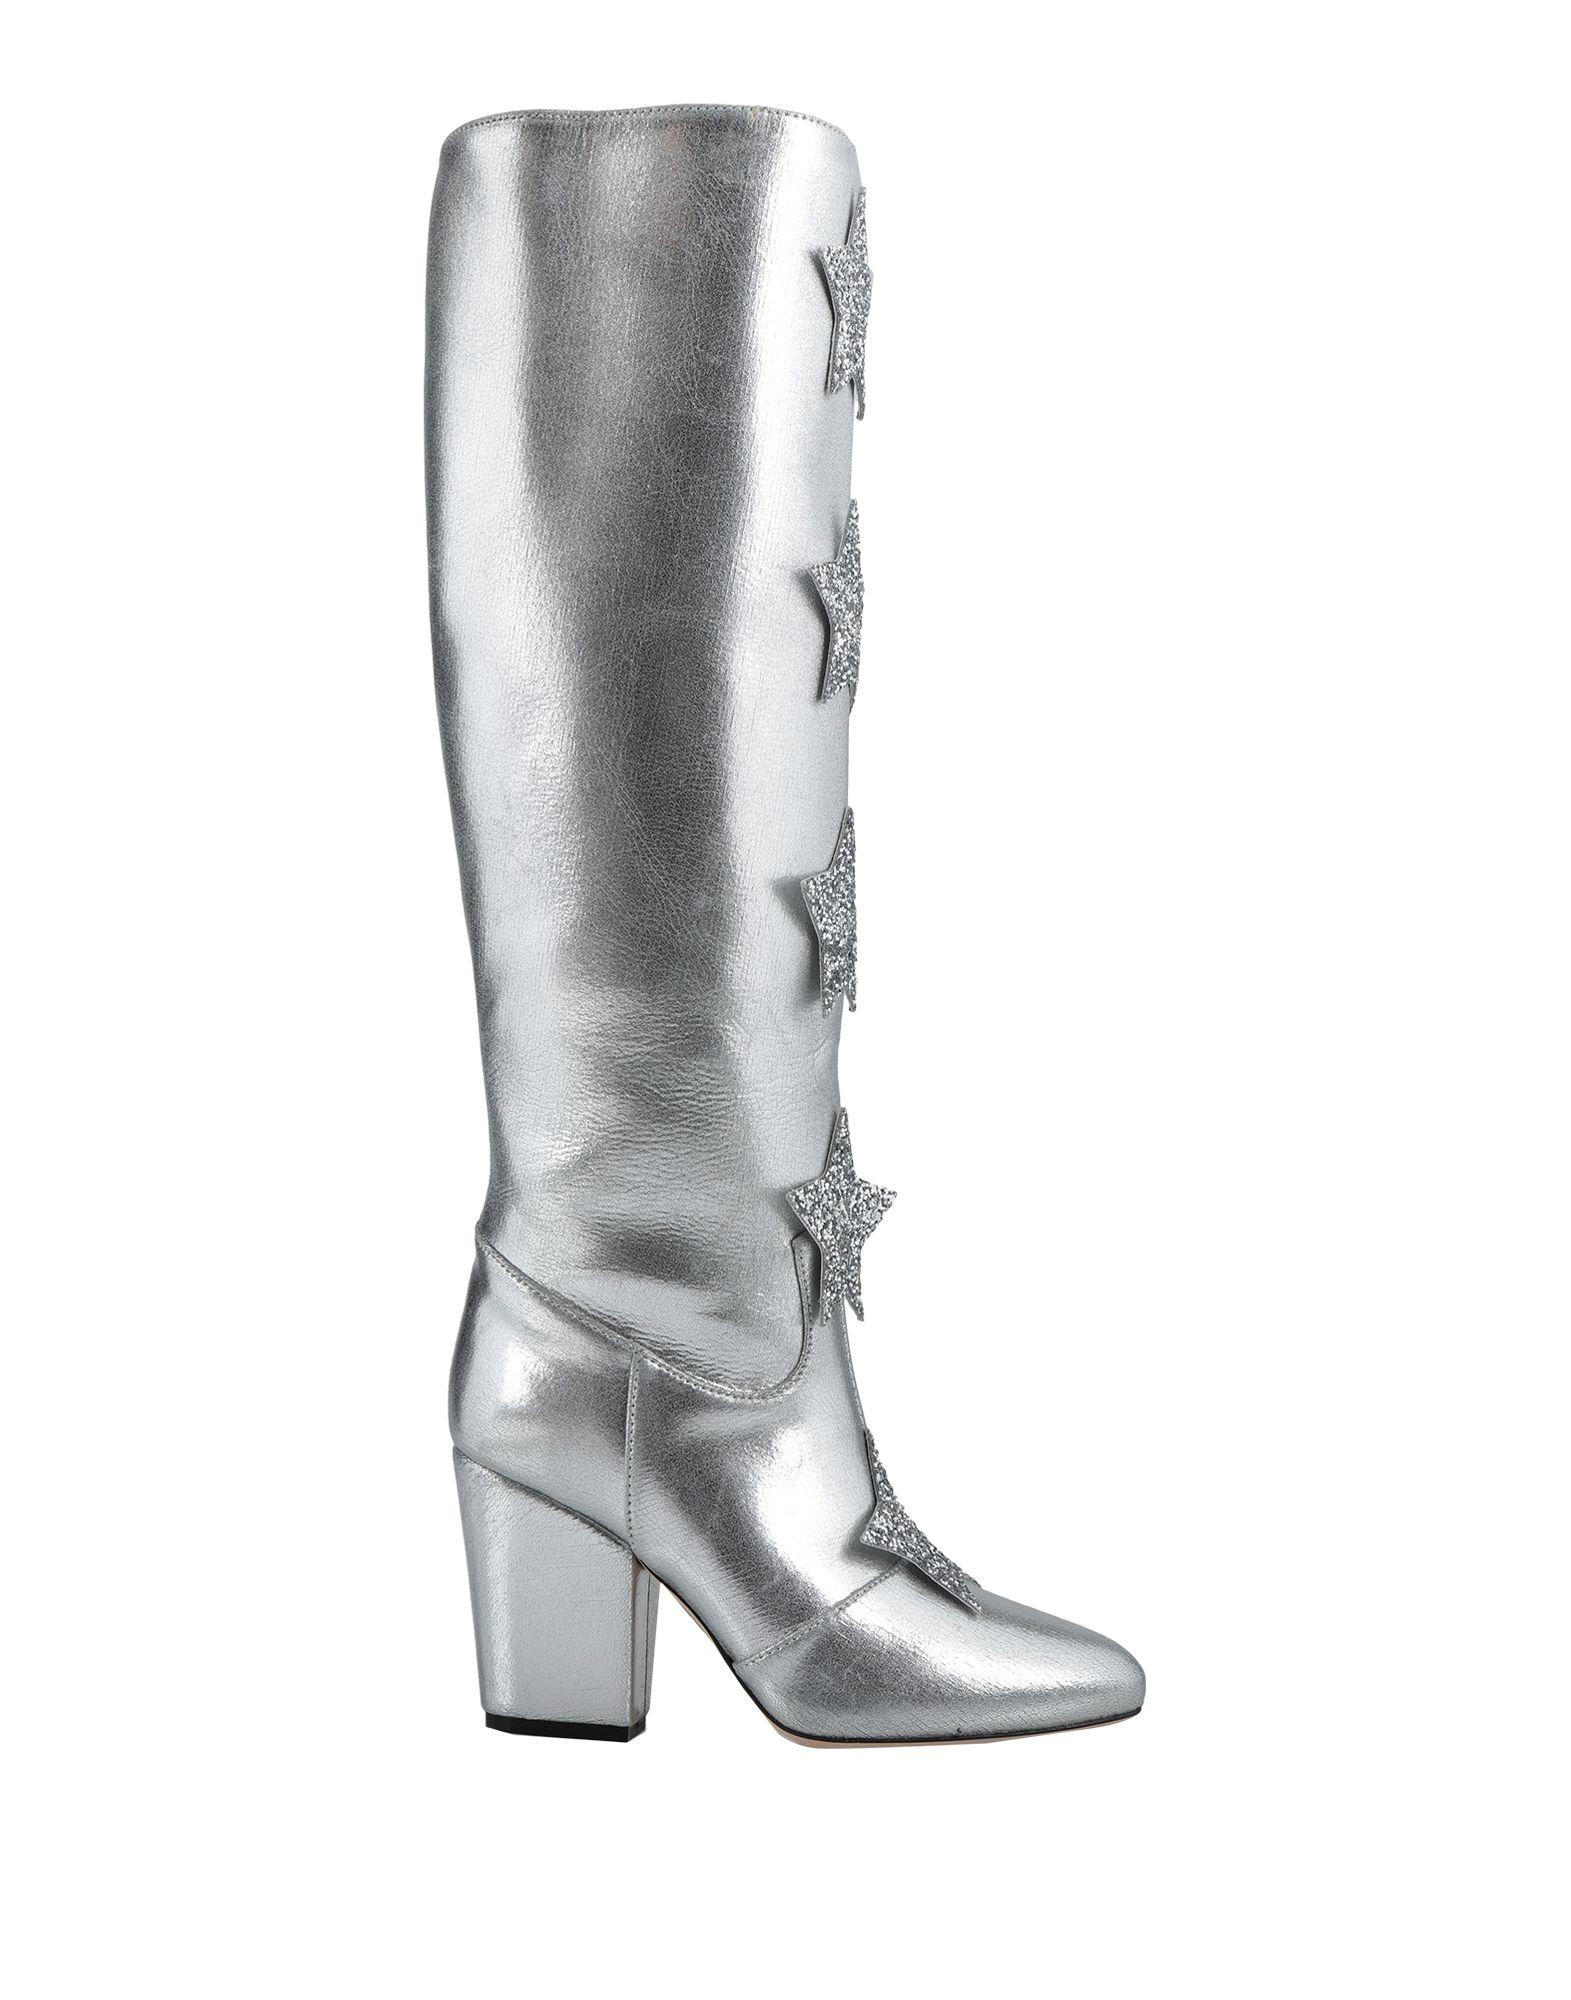 Chiara Chiara Ferragni Boots - Women Chiara Chiara Ferragni Boots online on  United Kingdom - 11554780JG 074a08